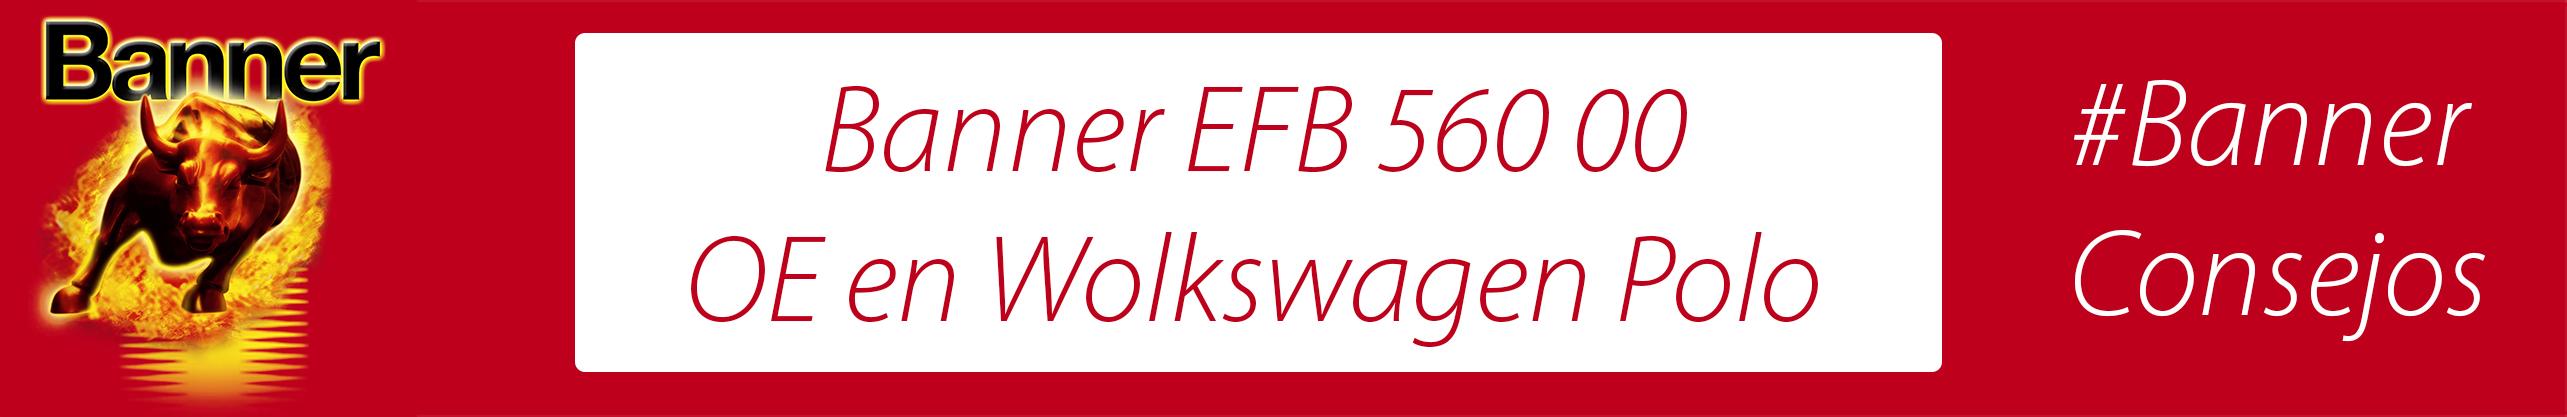 ¿Sabías que la Banner EFB 560 00 es la batería que lleva el Volkswagen Polo?